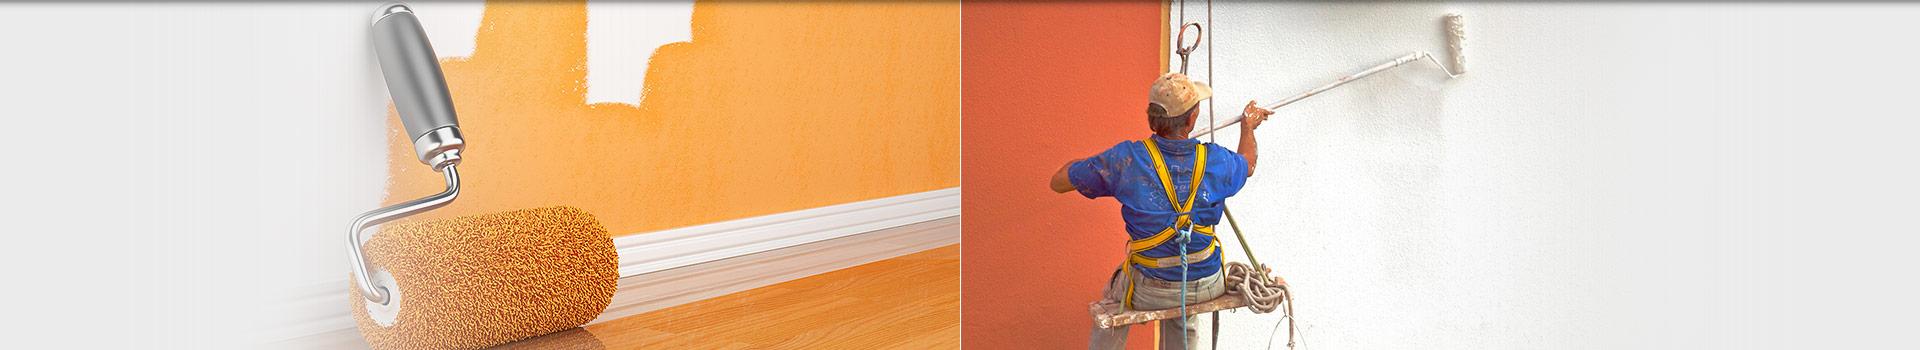 peintre-batiment-peindre-murs